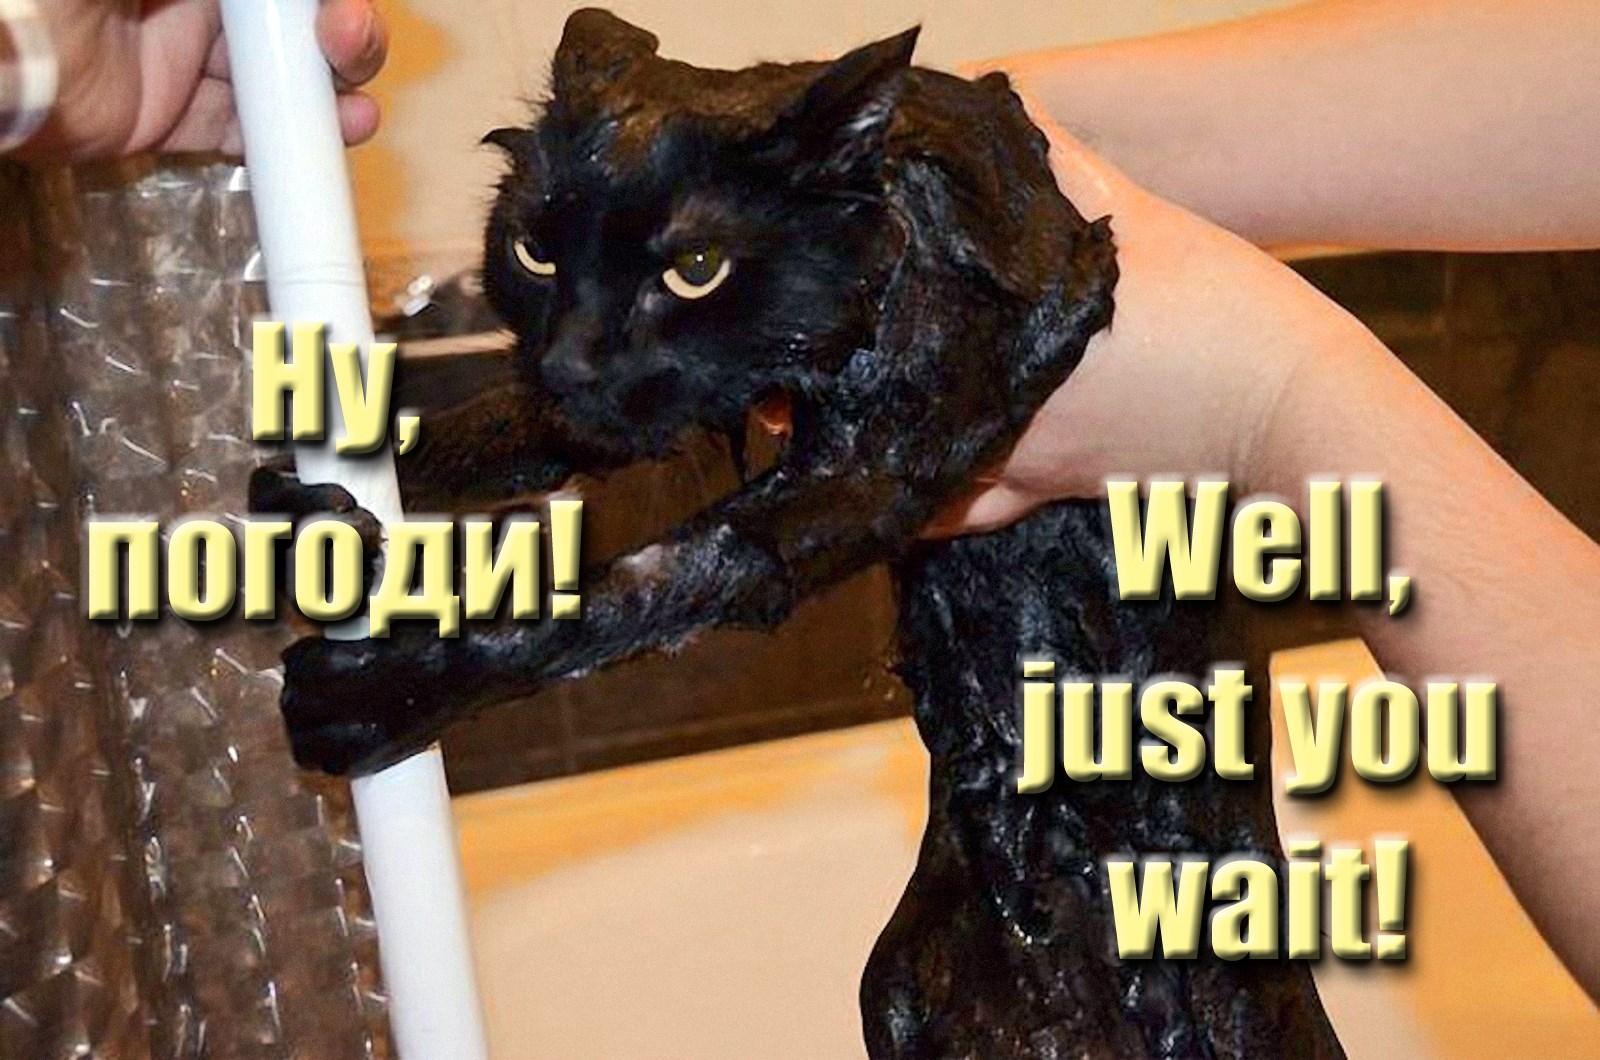 00 cat just you wait 110815